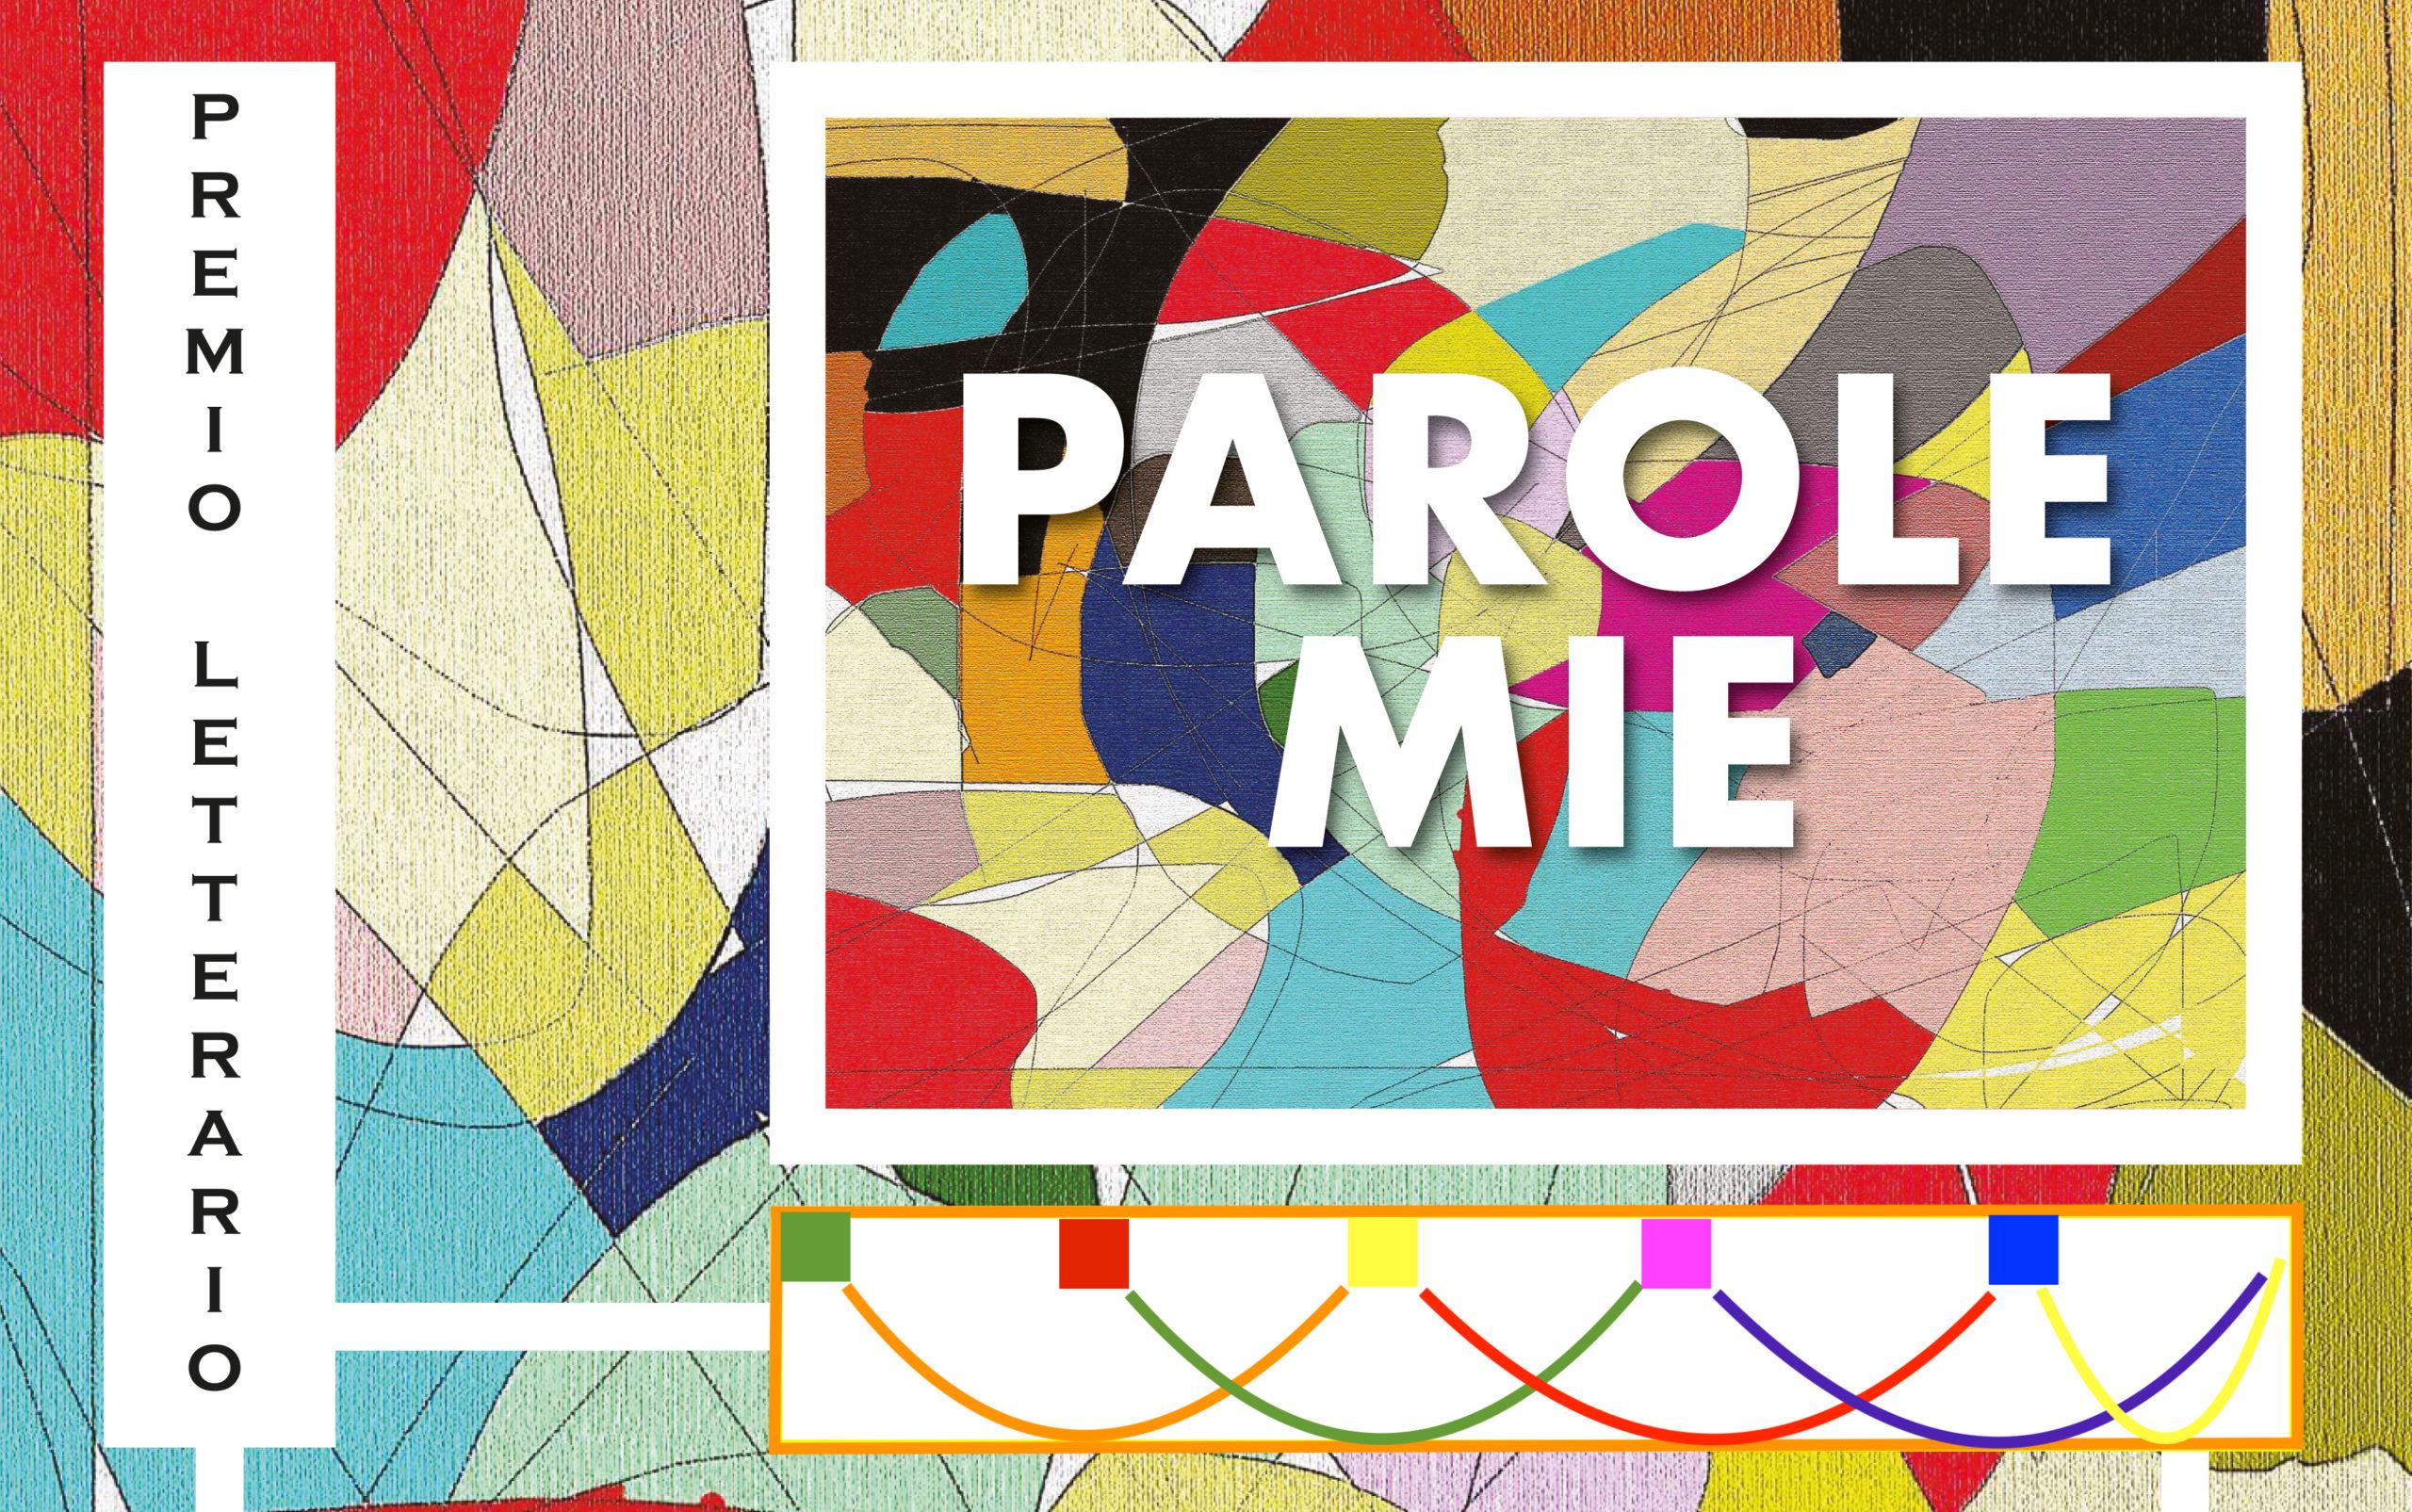 """Scelta tema Premio letterario """"Parole mie"""" 2020"""